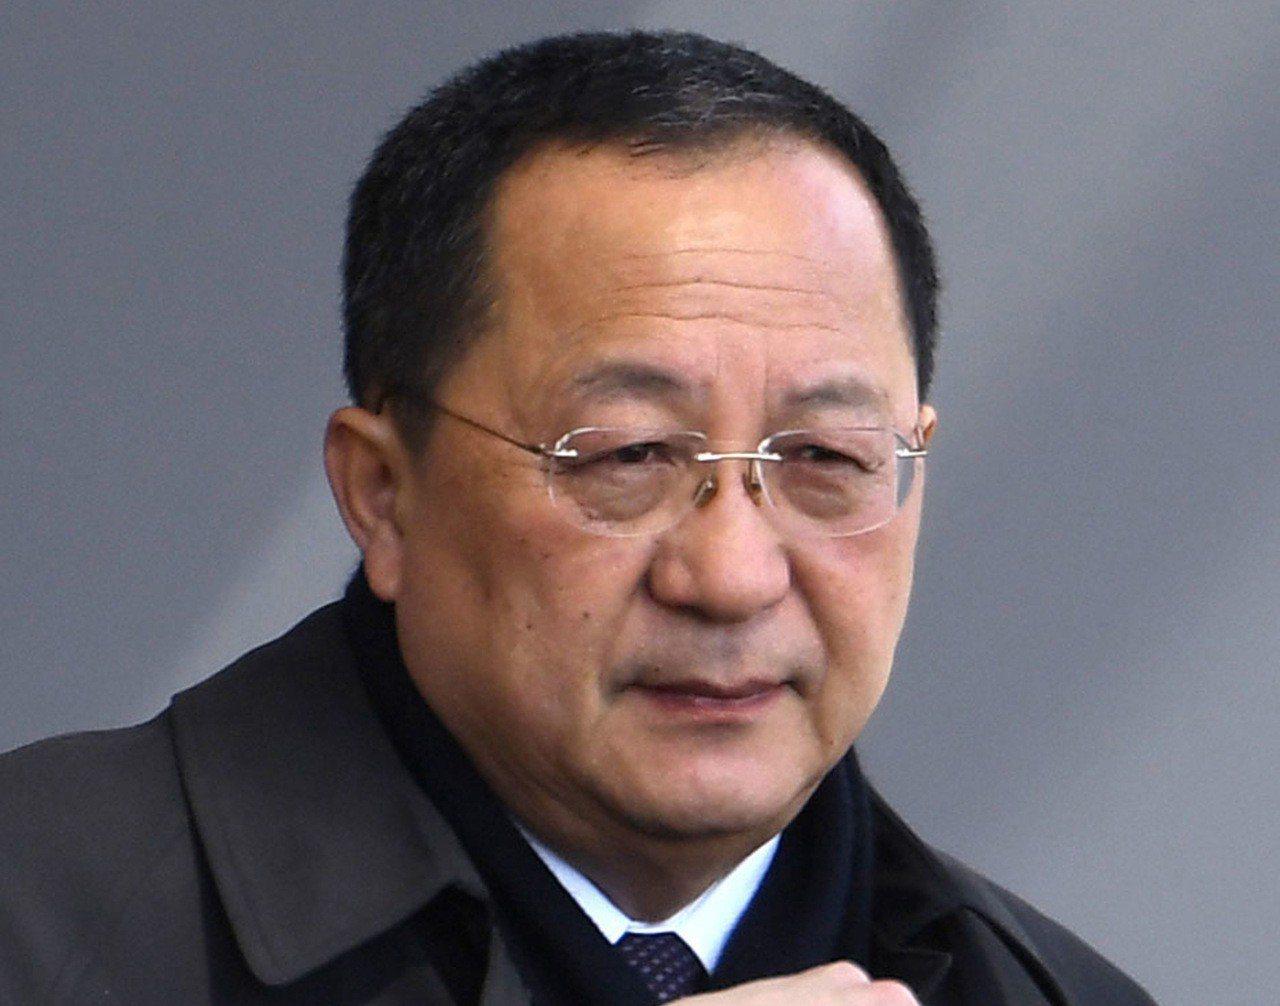 川習會後,北韓外交部長李勇浩(圖)將於6至8日訪問中國大陸。 美聯社